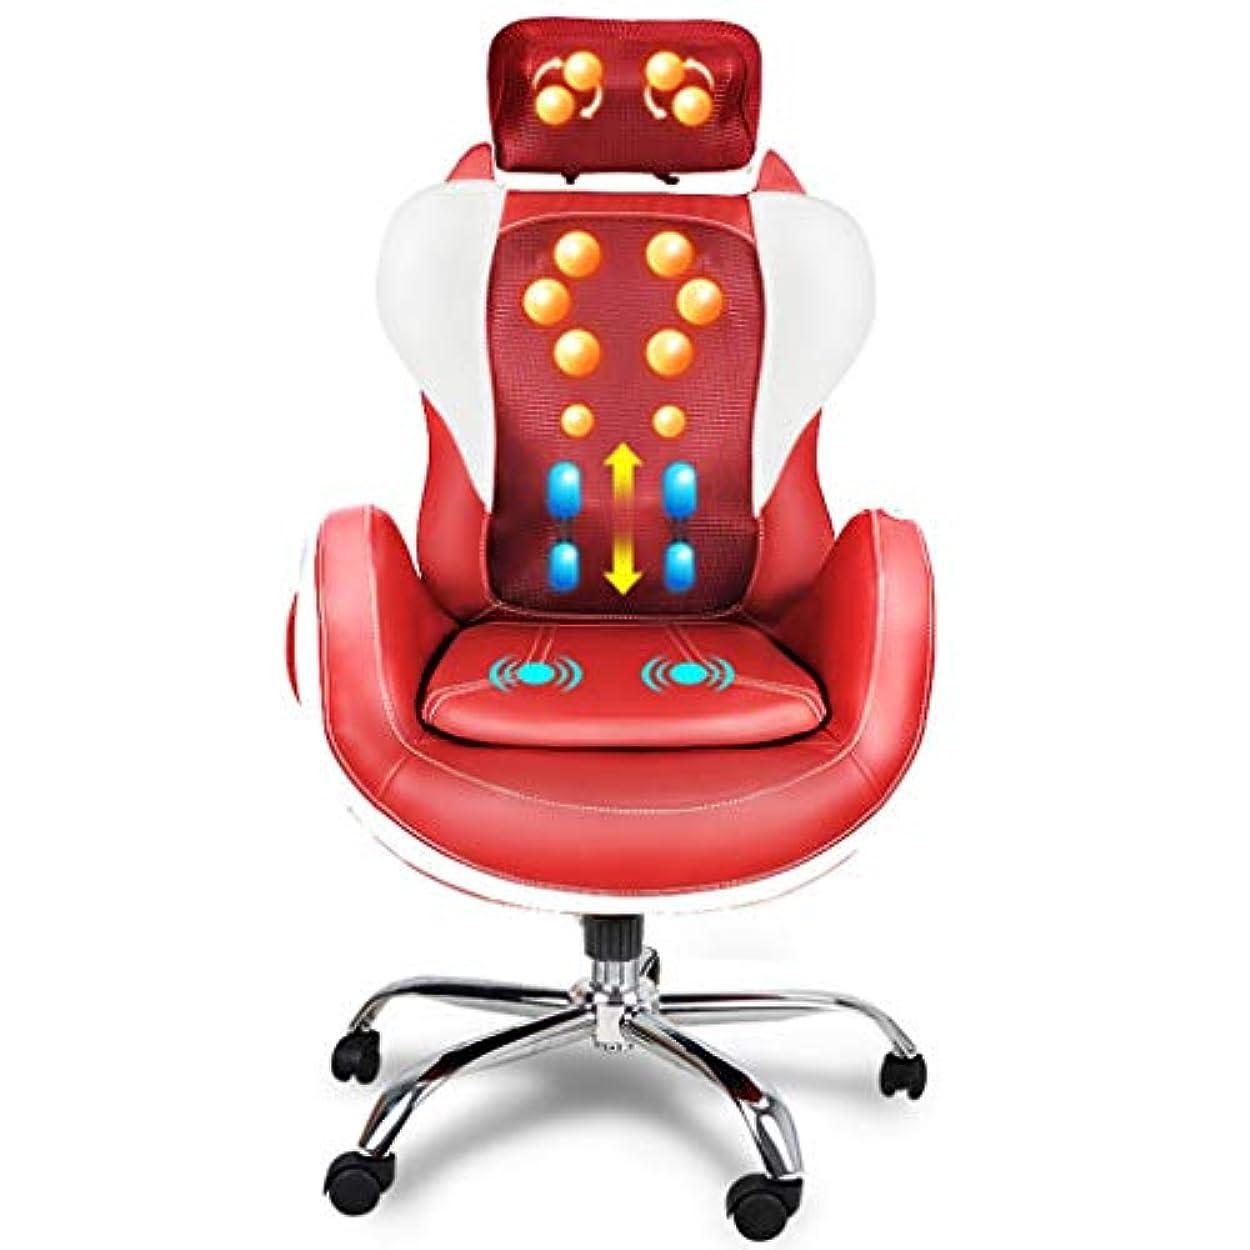 いらいらさせる報復コースフル 体 ケア 贅沢な 熱 オフィス Eletric マッサージ 椅子 体 マッサージ 椅子 コンピュータチェア 回転椅子 多機能 マッサージ器。 MAG.AL,Red